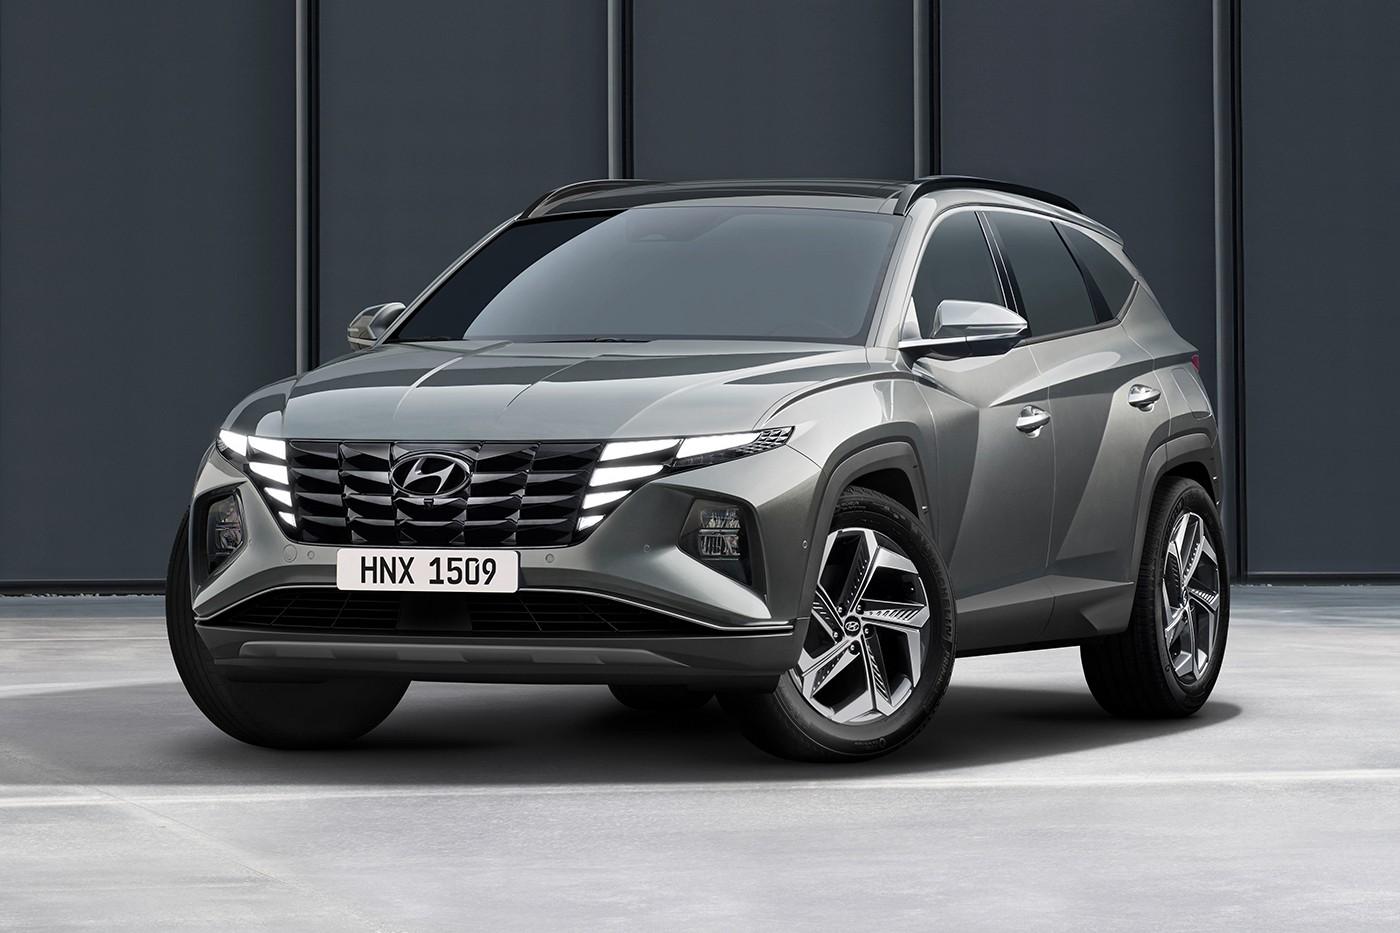 现代汽车发布令人惊叹的2022年图森SUV